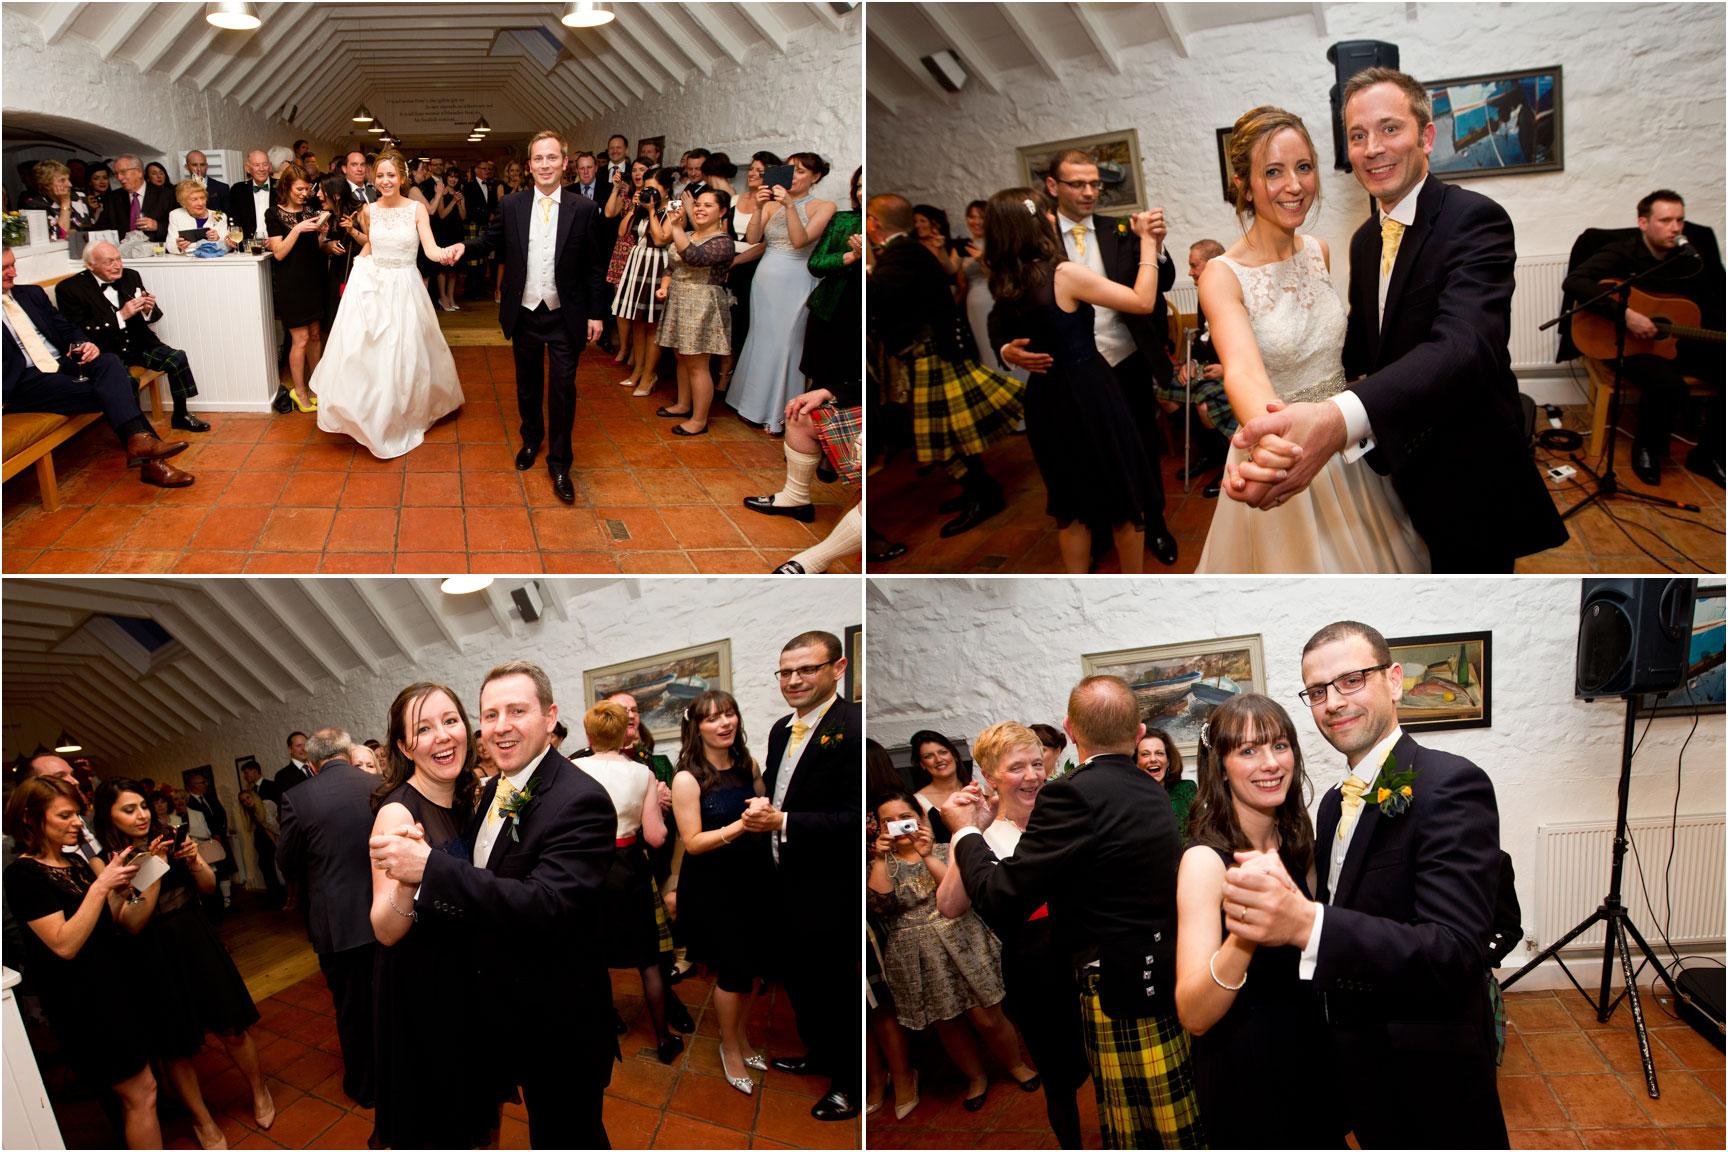 loch-fyne-oyster-wedding-dance